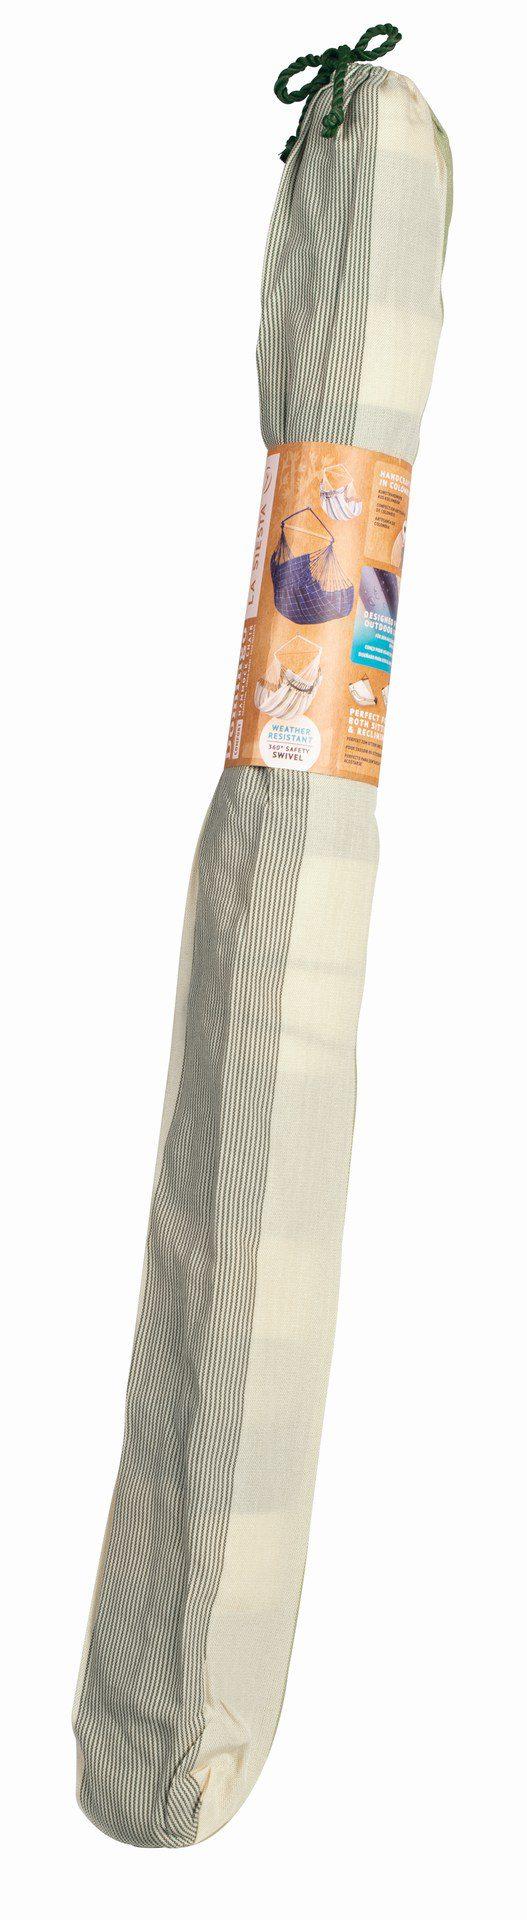 Závěsné houpací křeslo La Siesta Domingo Comfort - cedar balení